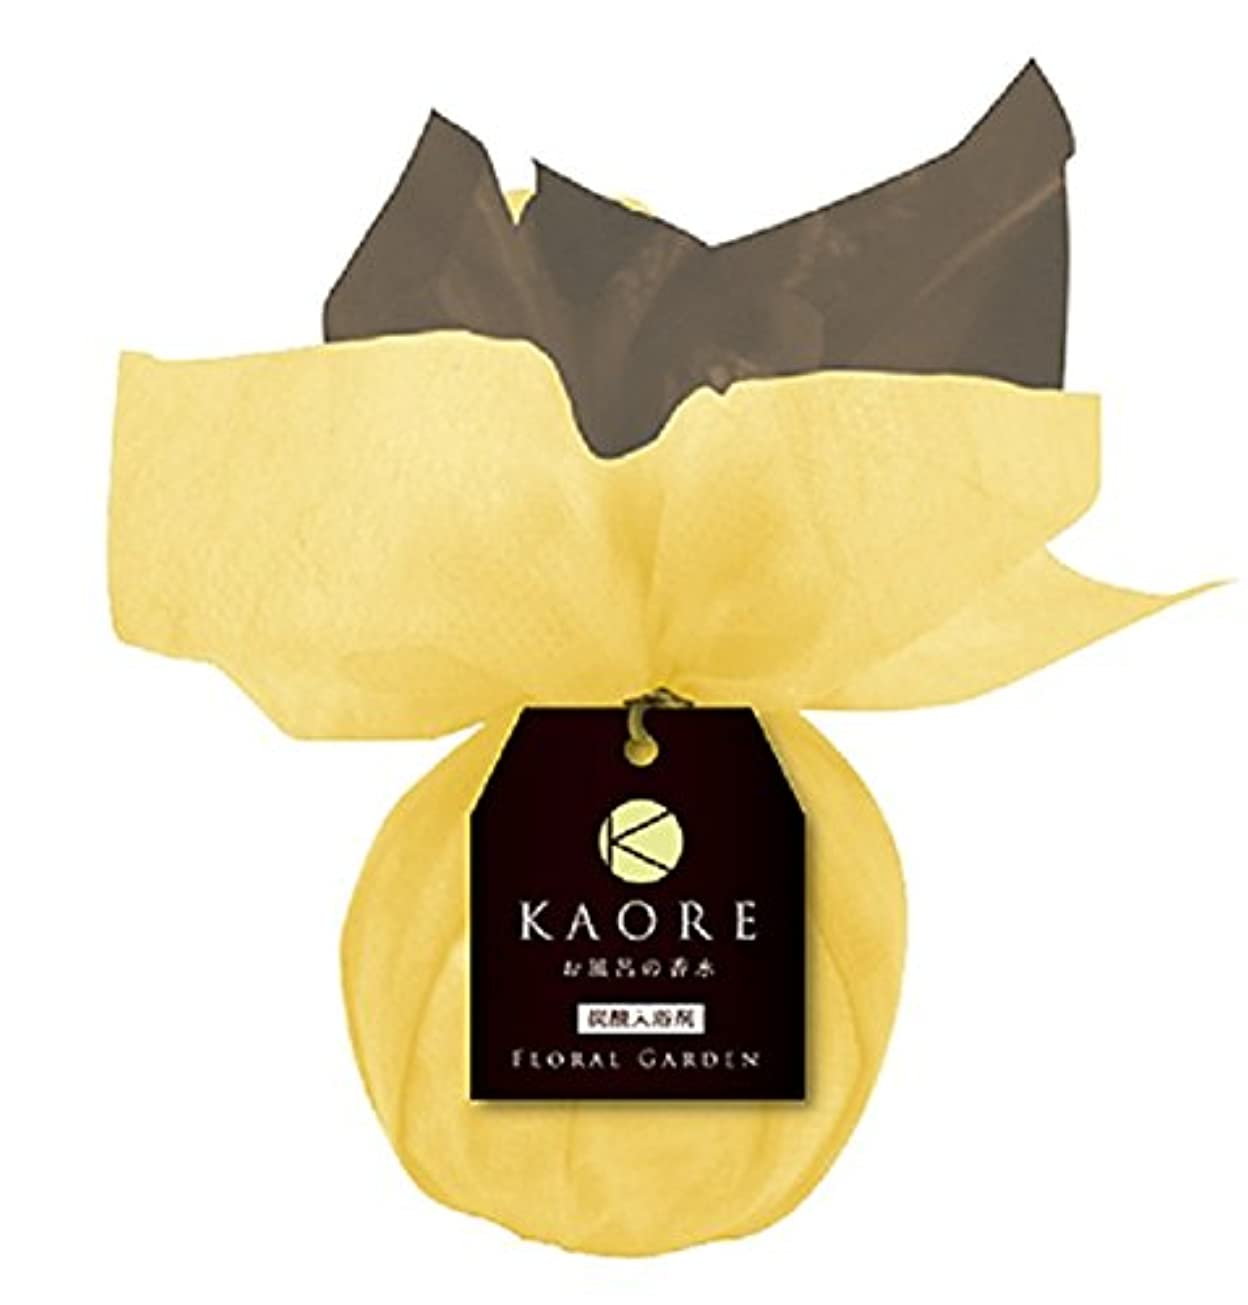 ミル巧みな満足KAORE(カオリ) お風呂の香水 炭酸入浴剤 フローラルガーデン 150g